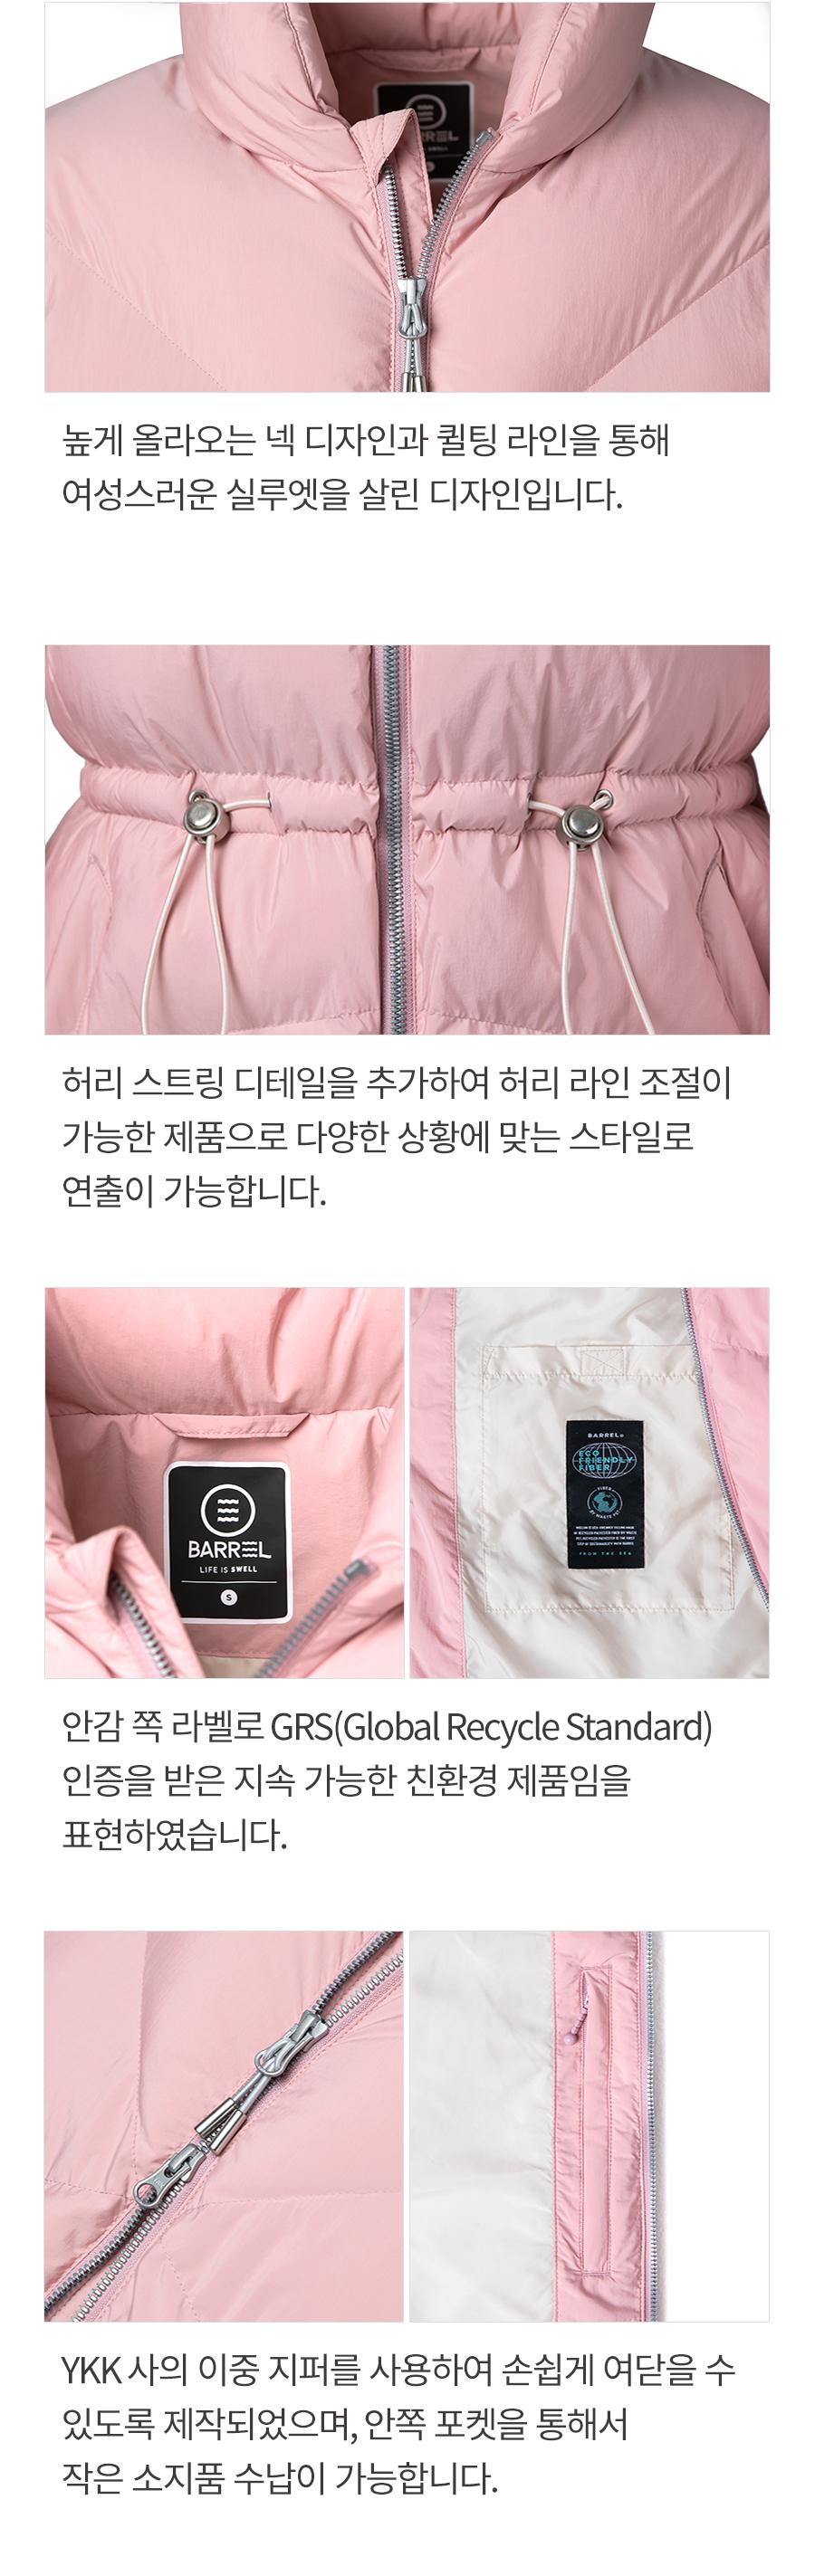 배럴(BARREL) 배럴핏 실루엣 패딩 자켓 핑크 (BG4UFDW01PNK)